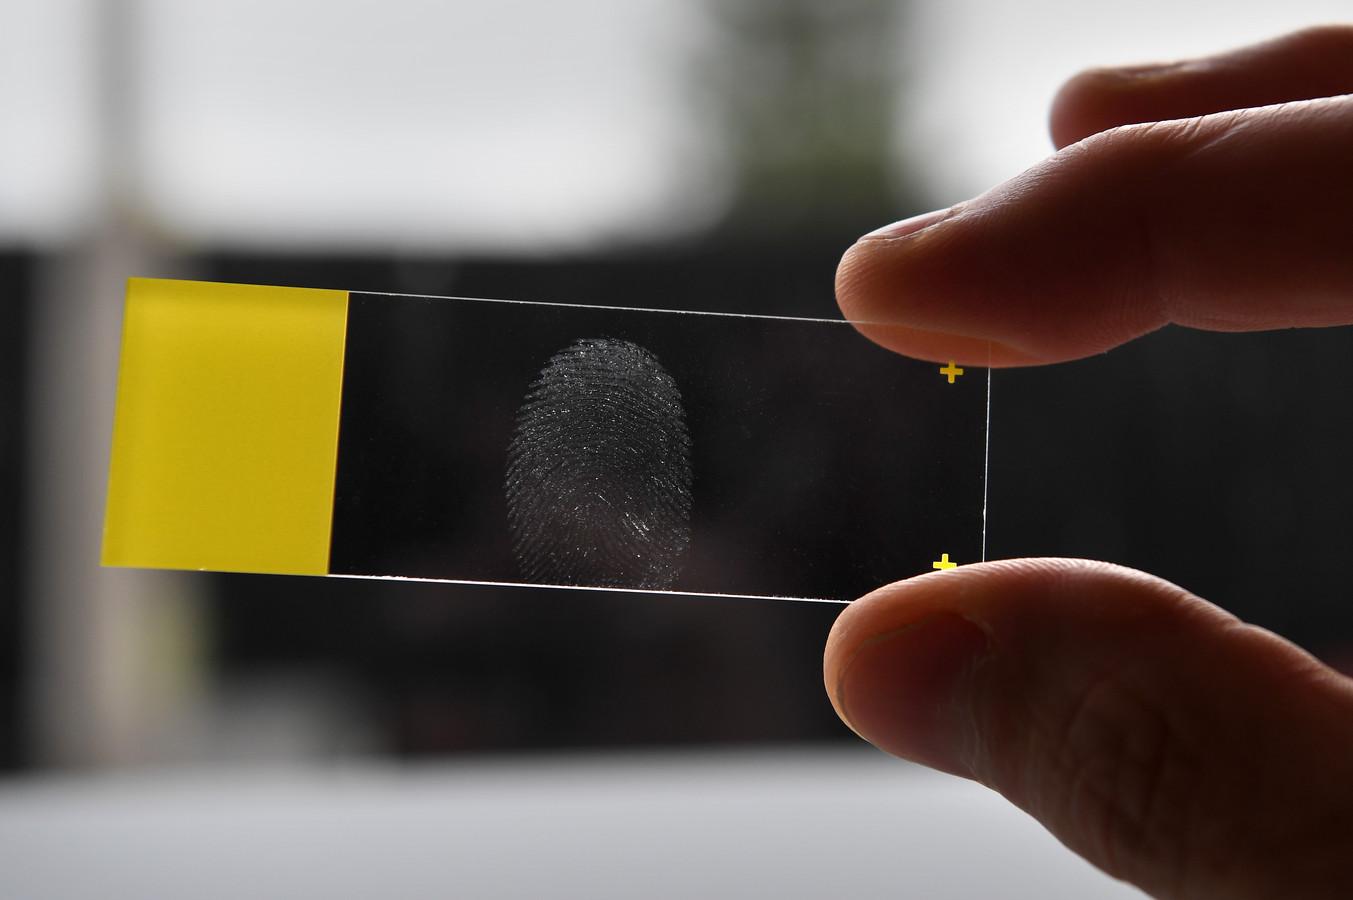 CSI-laboratorium onderzoek vingerafdruk in Deventer